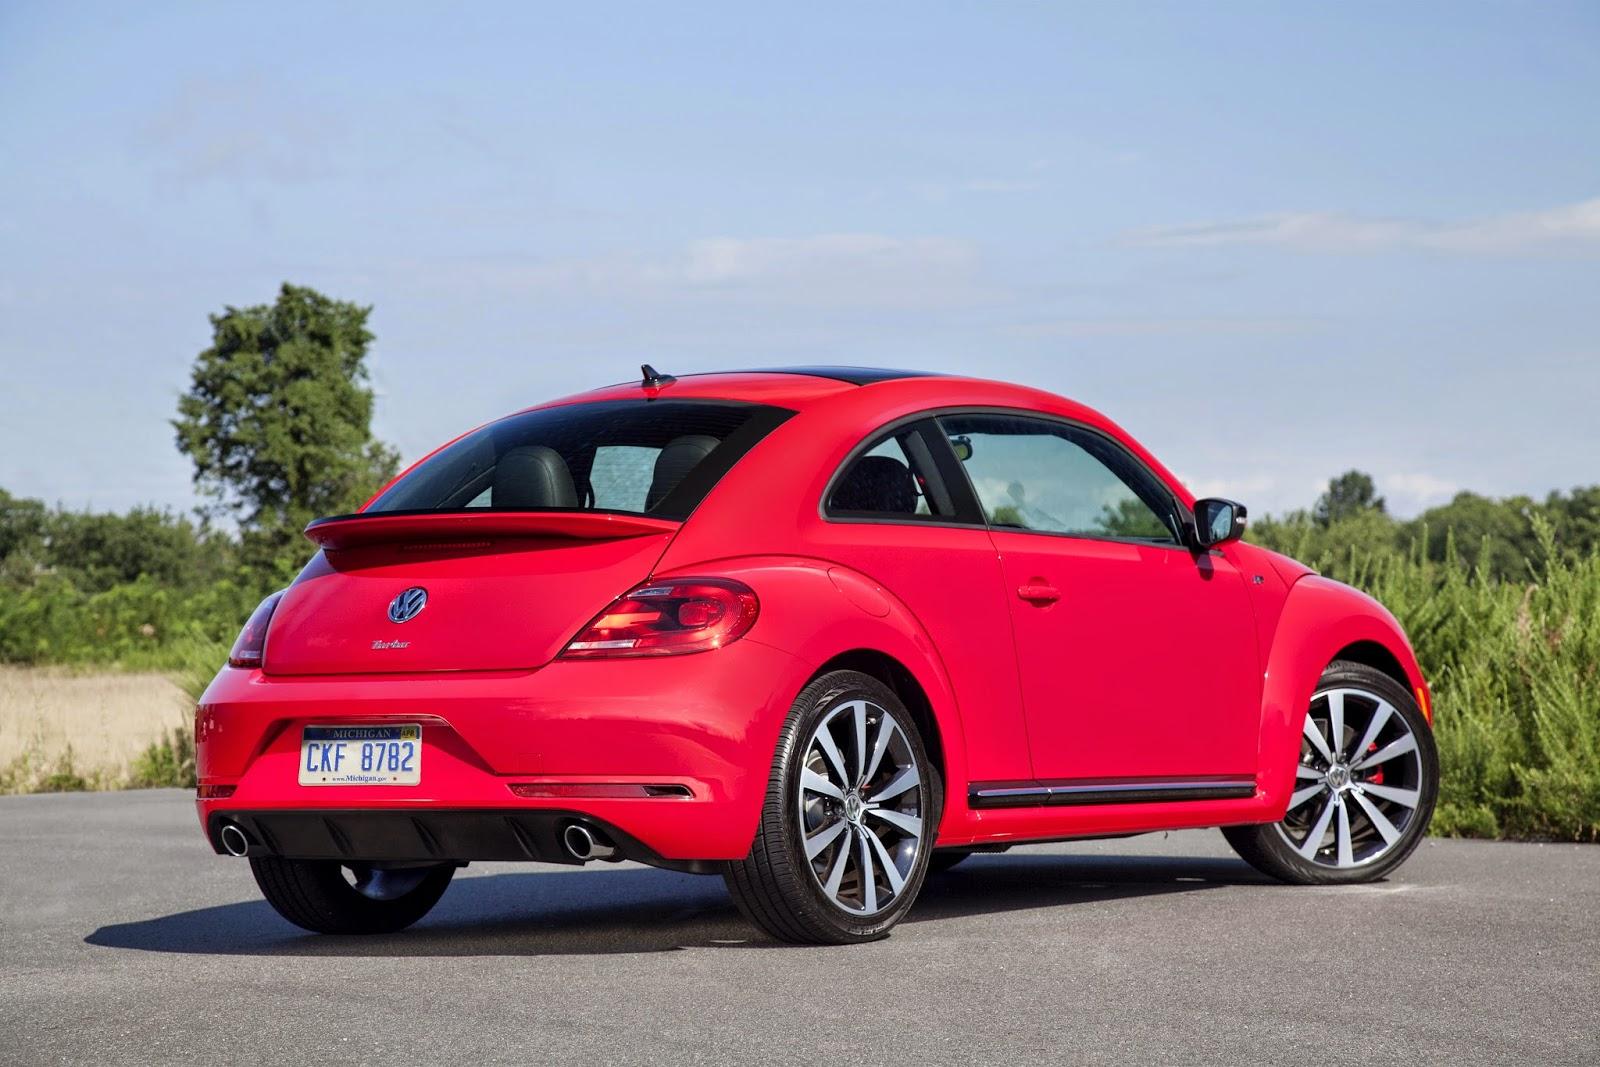 Rear 3/4 view of 2014 Volkswagen Beetle R-Line